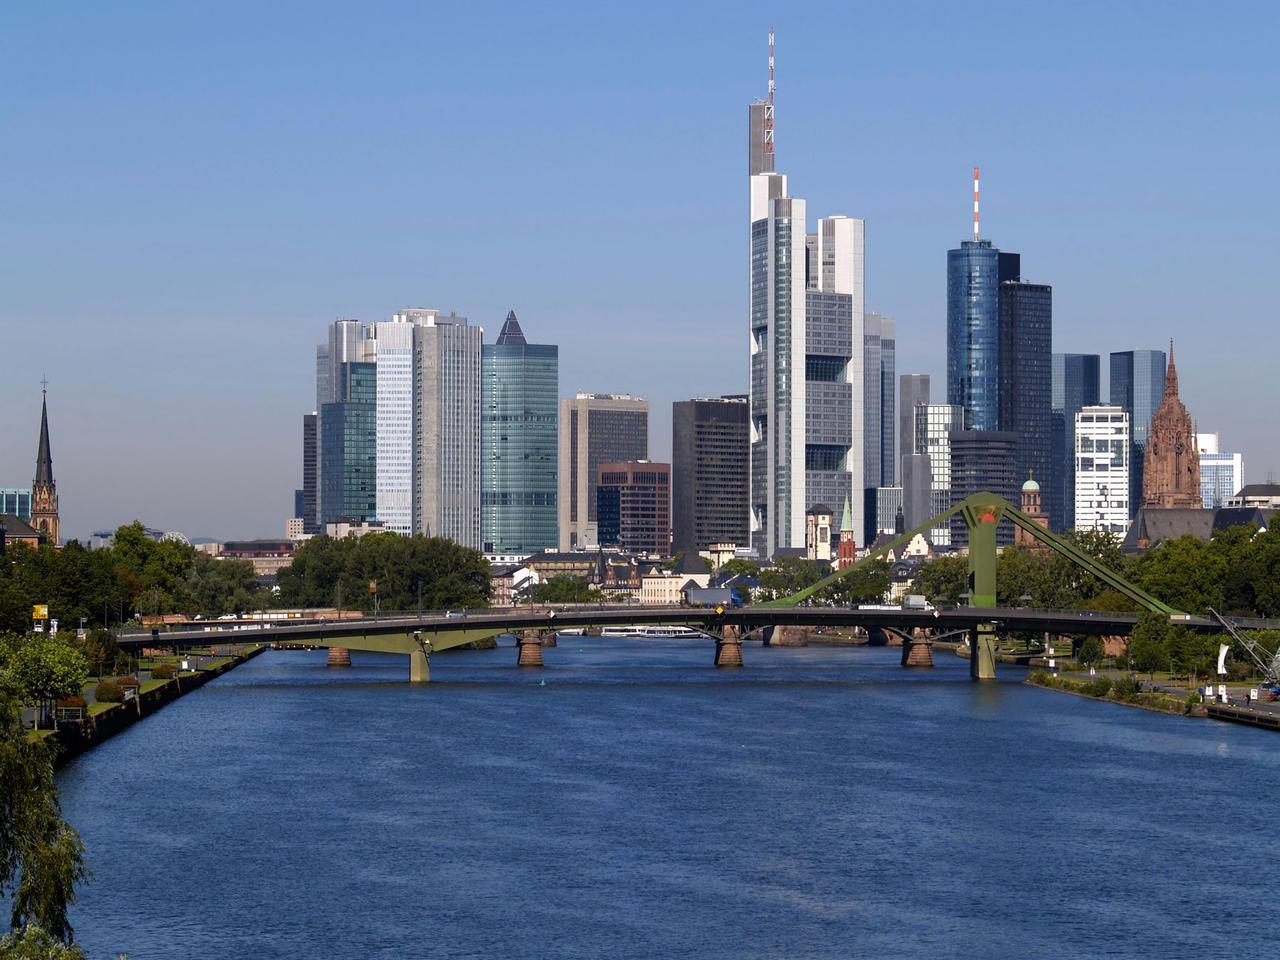 deutschland_frankfurt-am-main